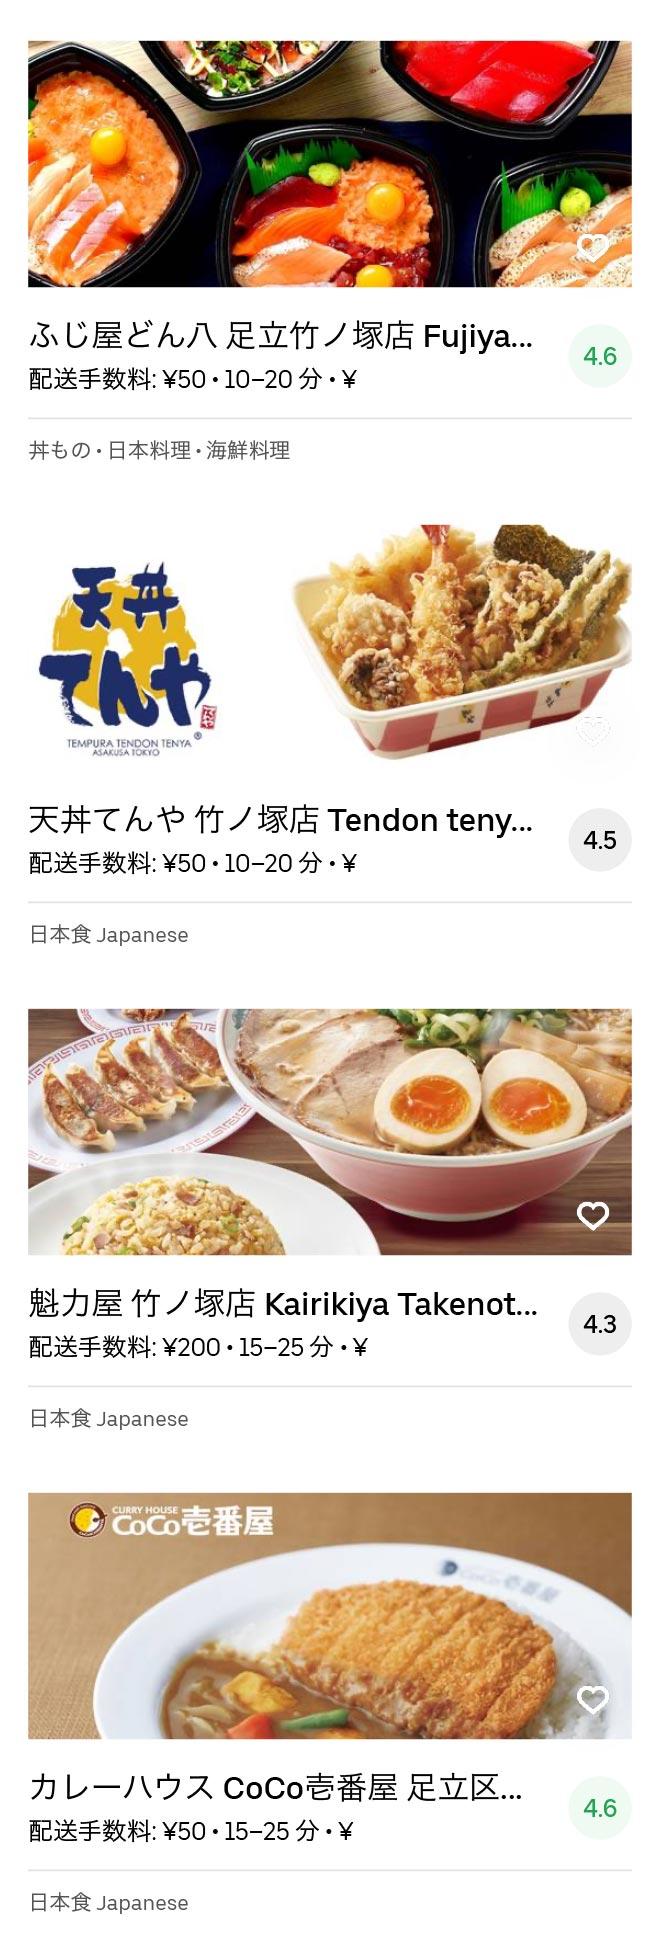 Tokyo takenotsuka menu 2005 03